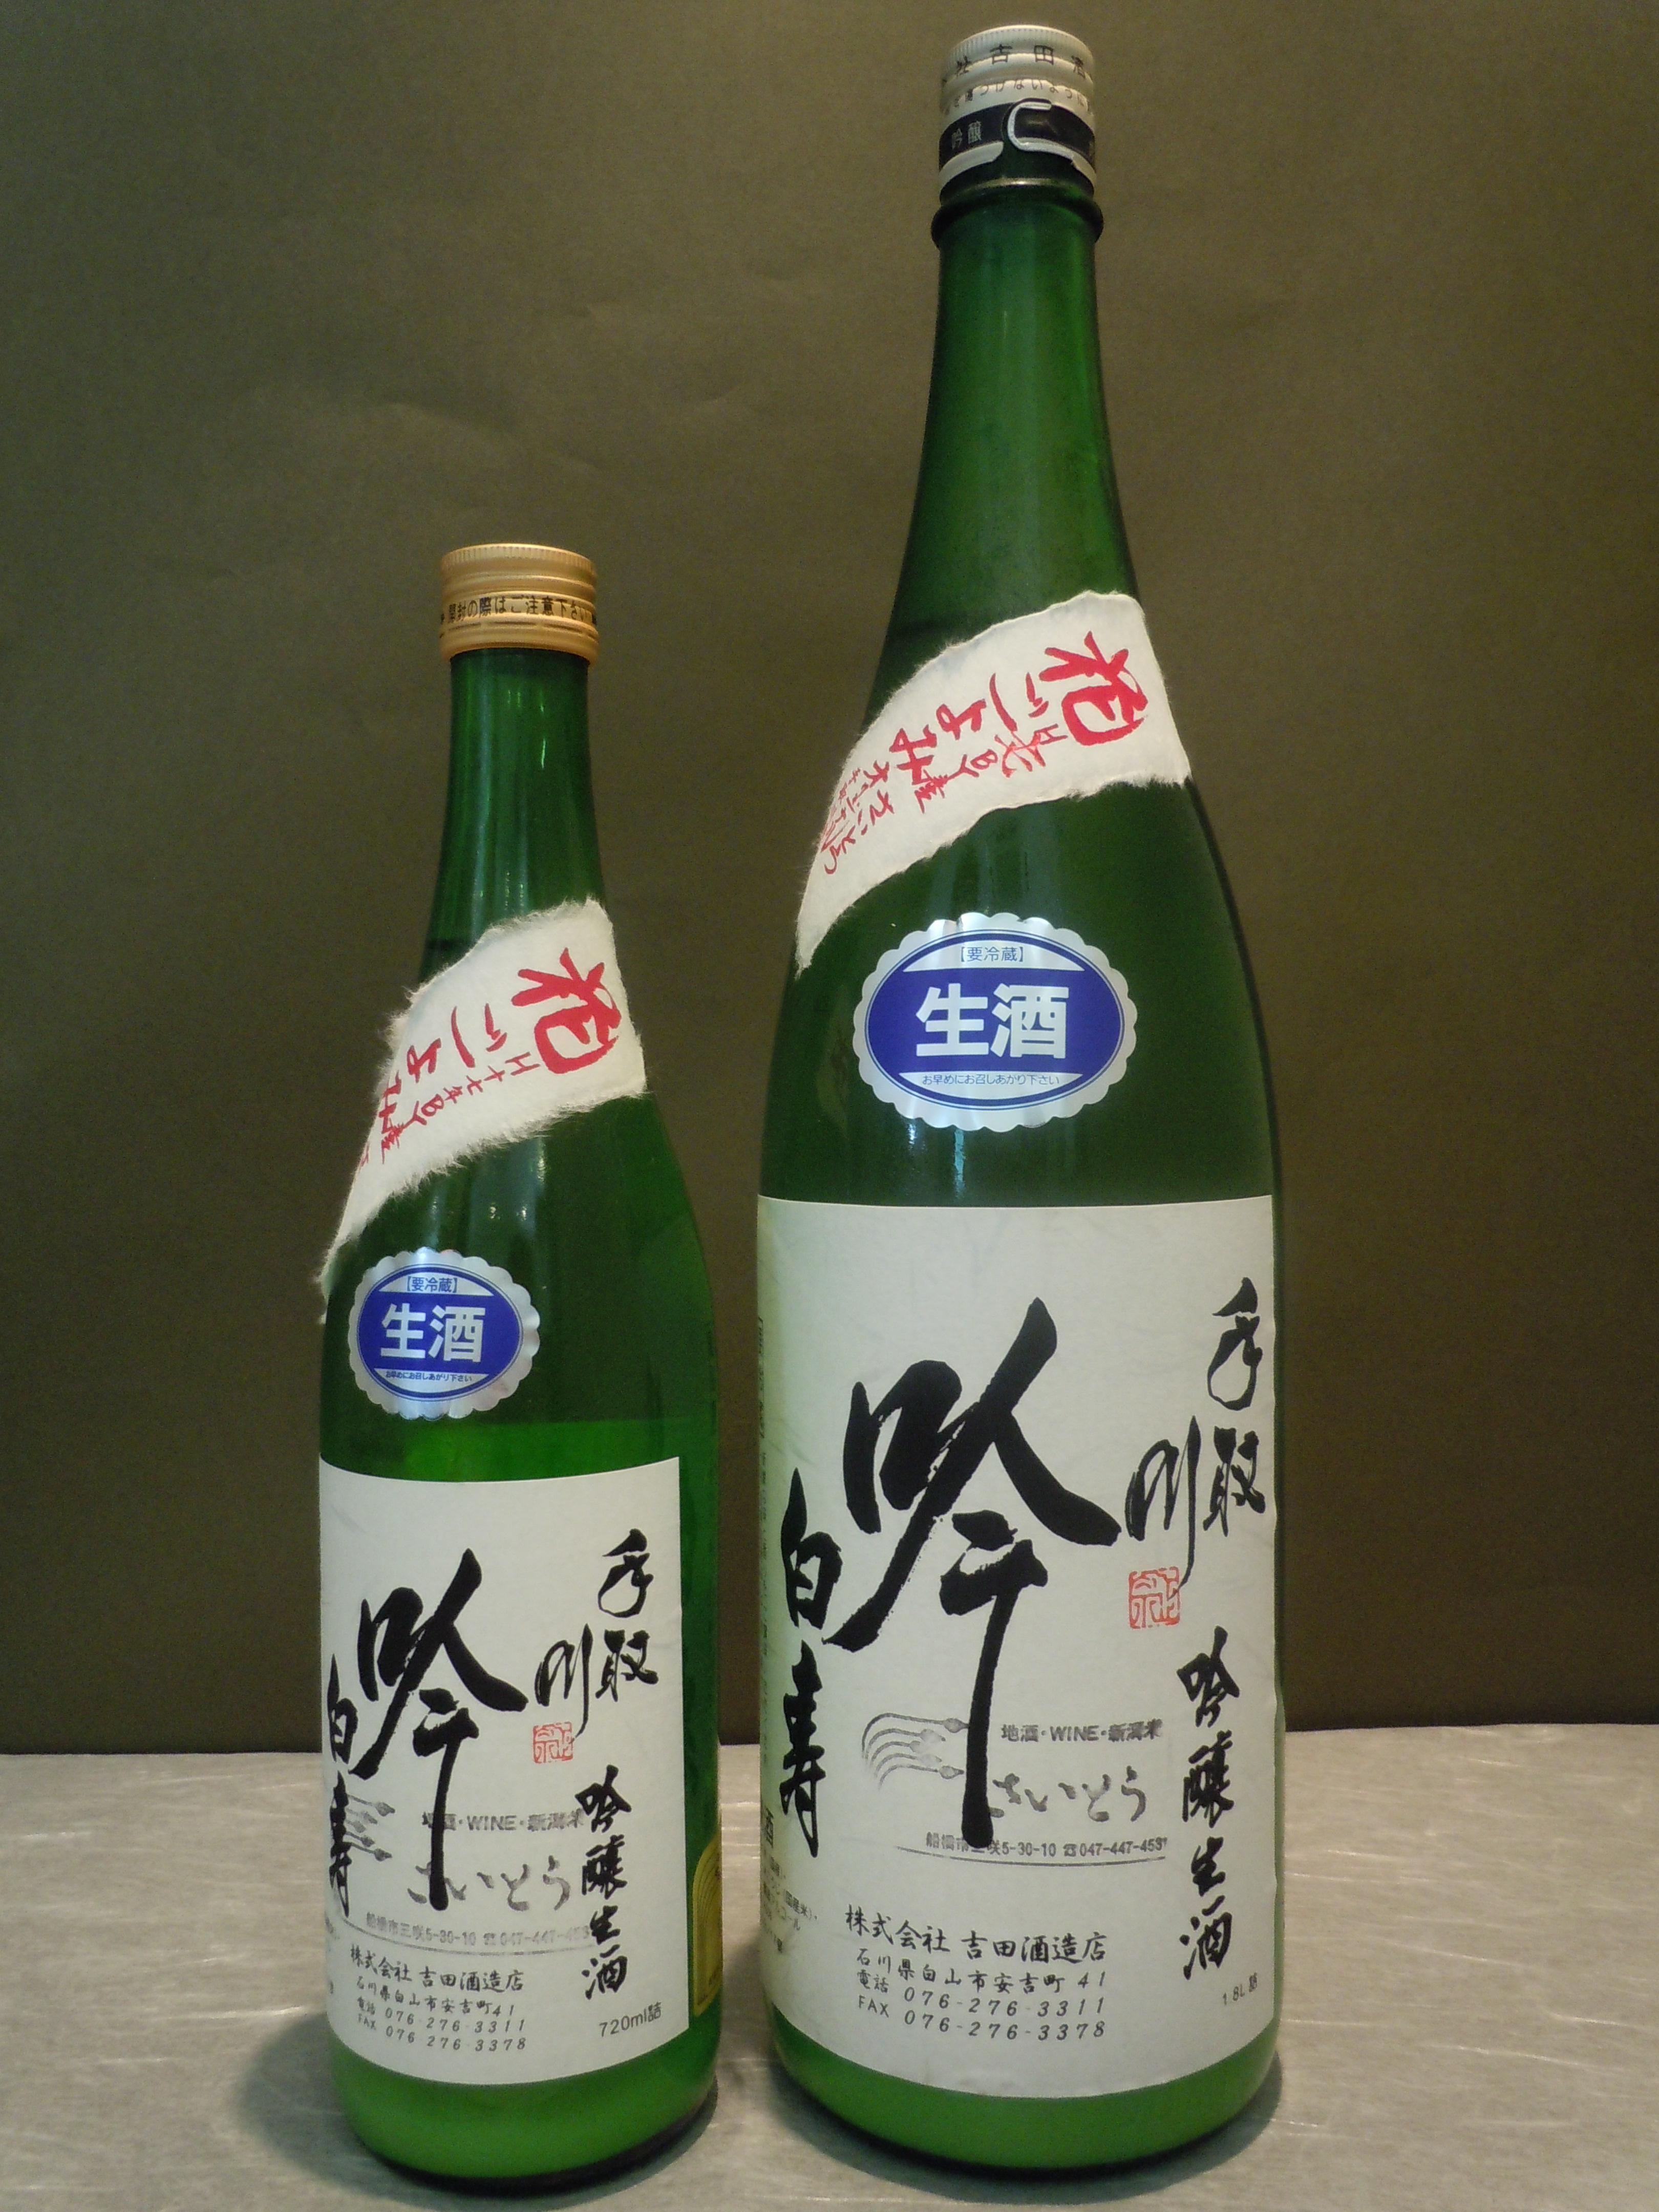 手取川 吟白寿 吟醸生酒 花ごよみ